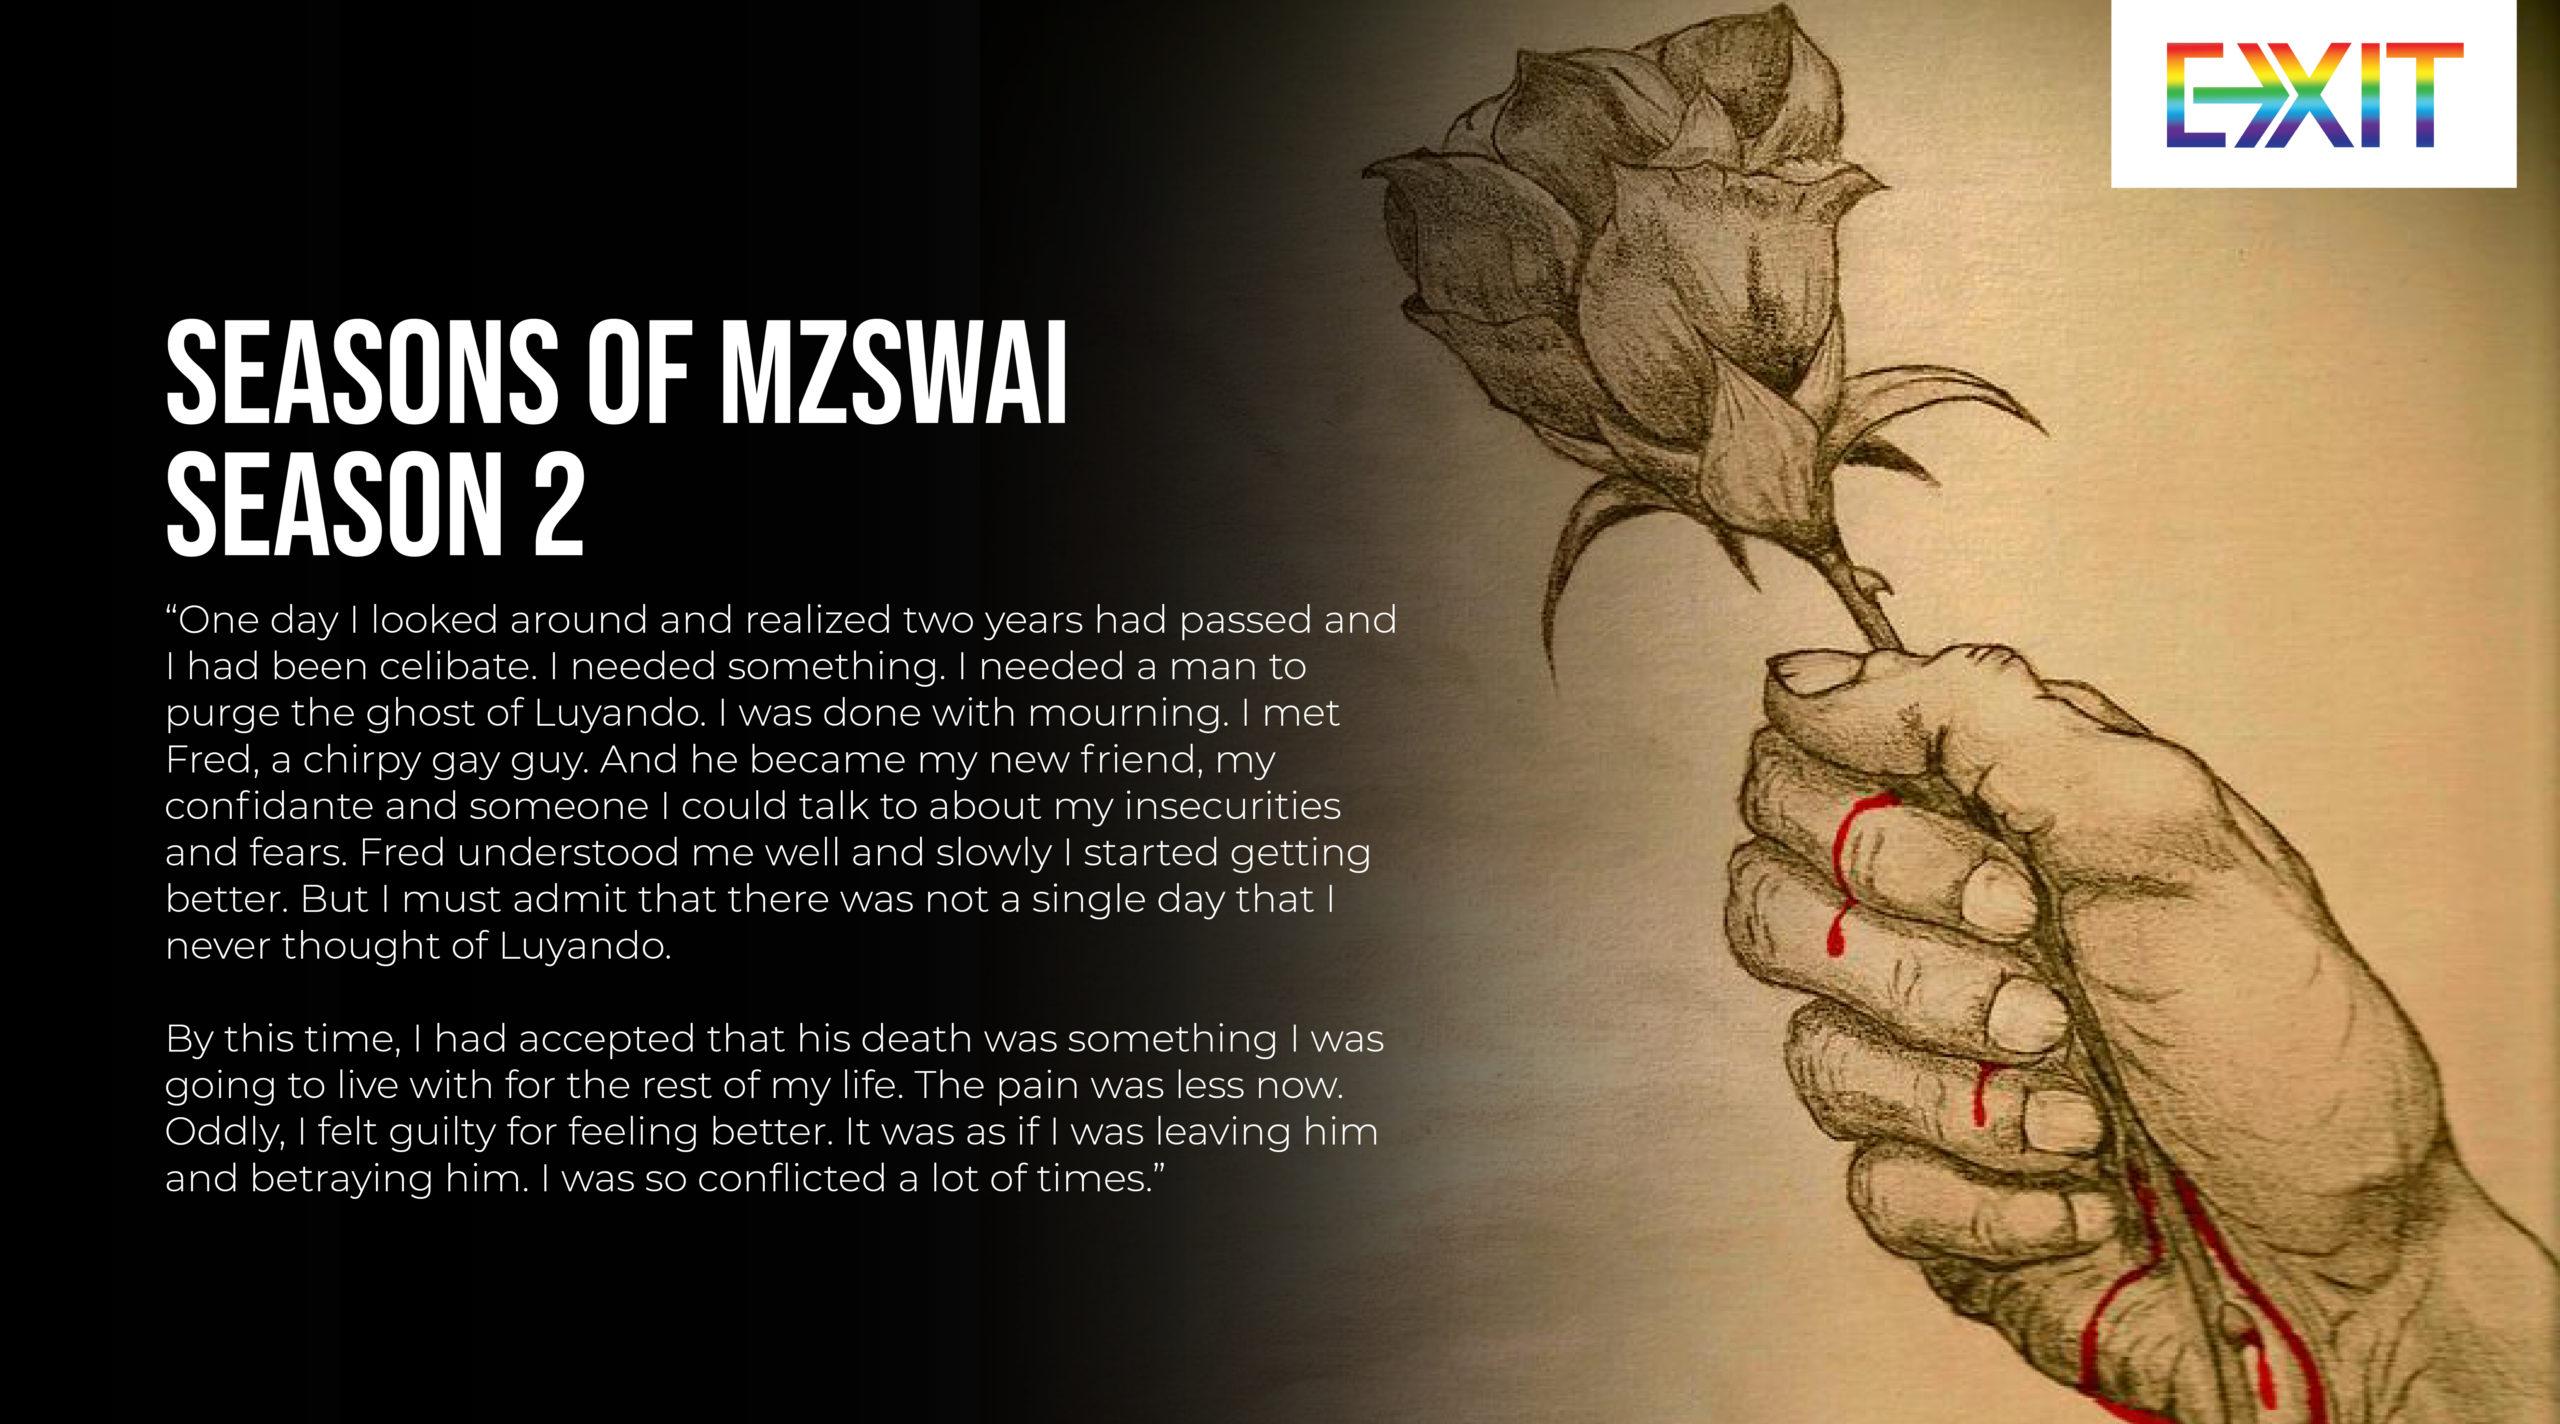 SEASONS OF MWINZA – SEASON TWO